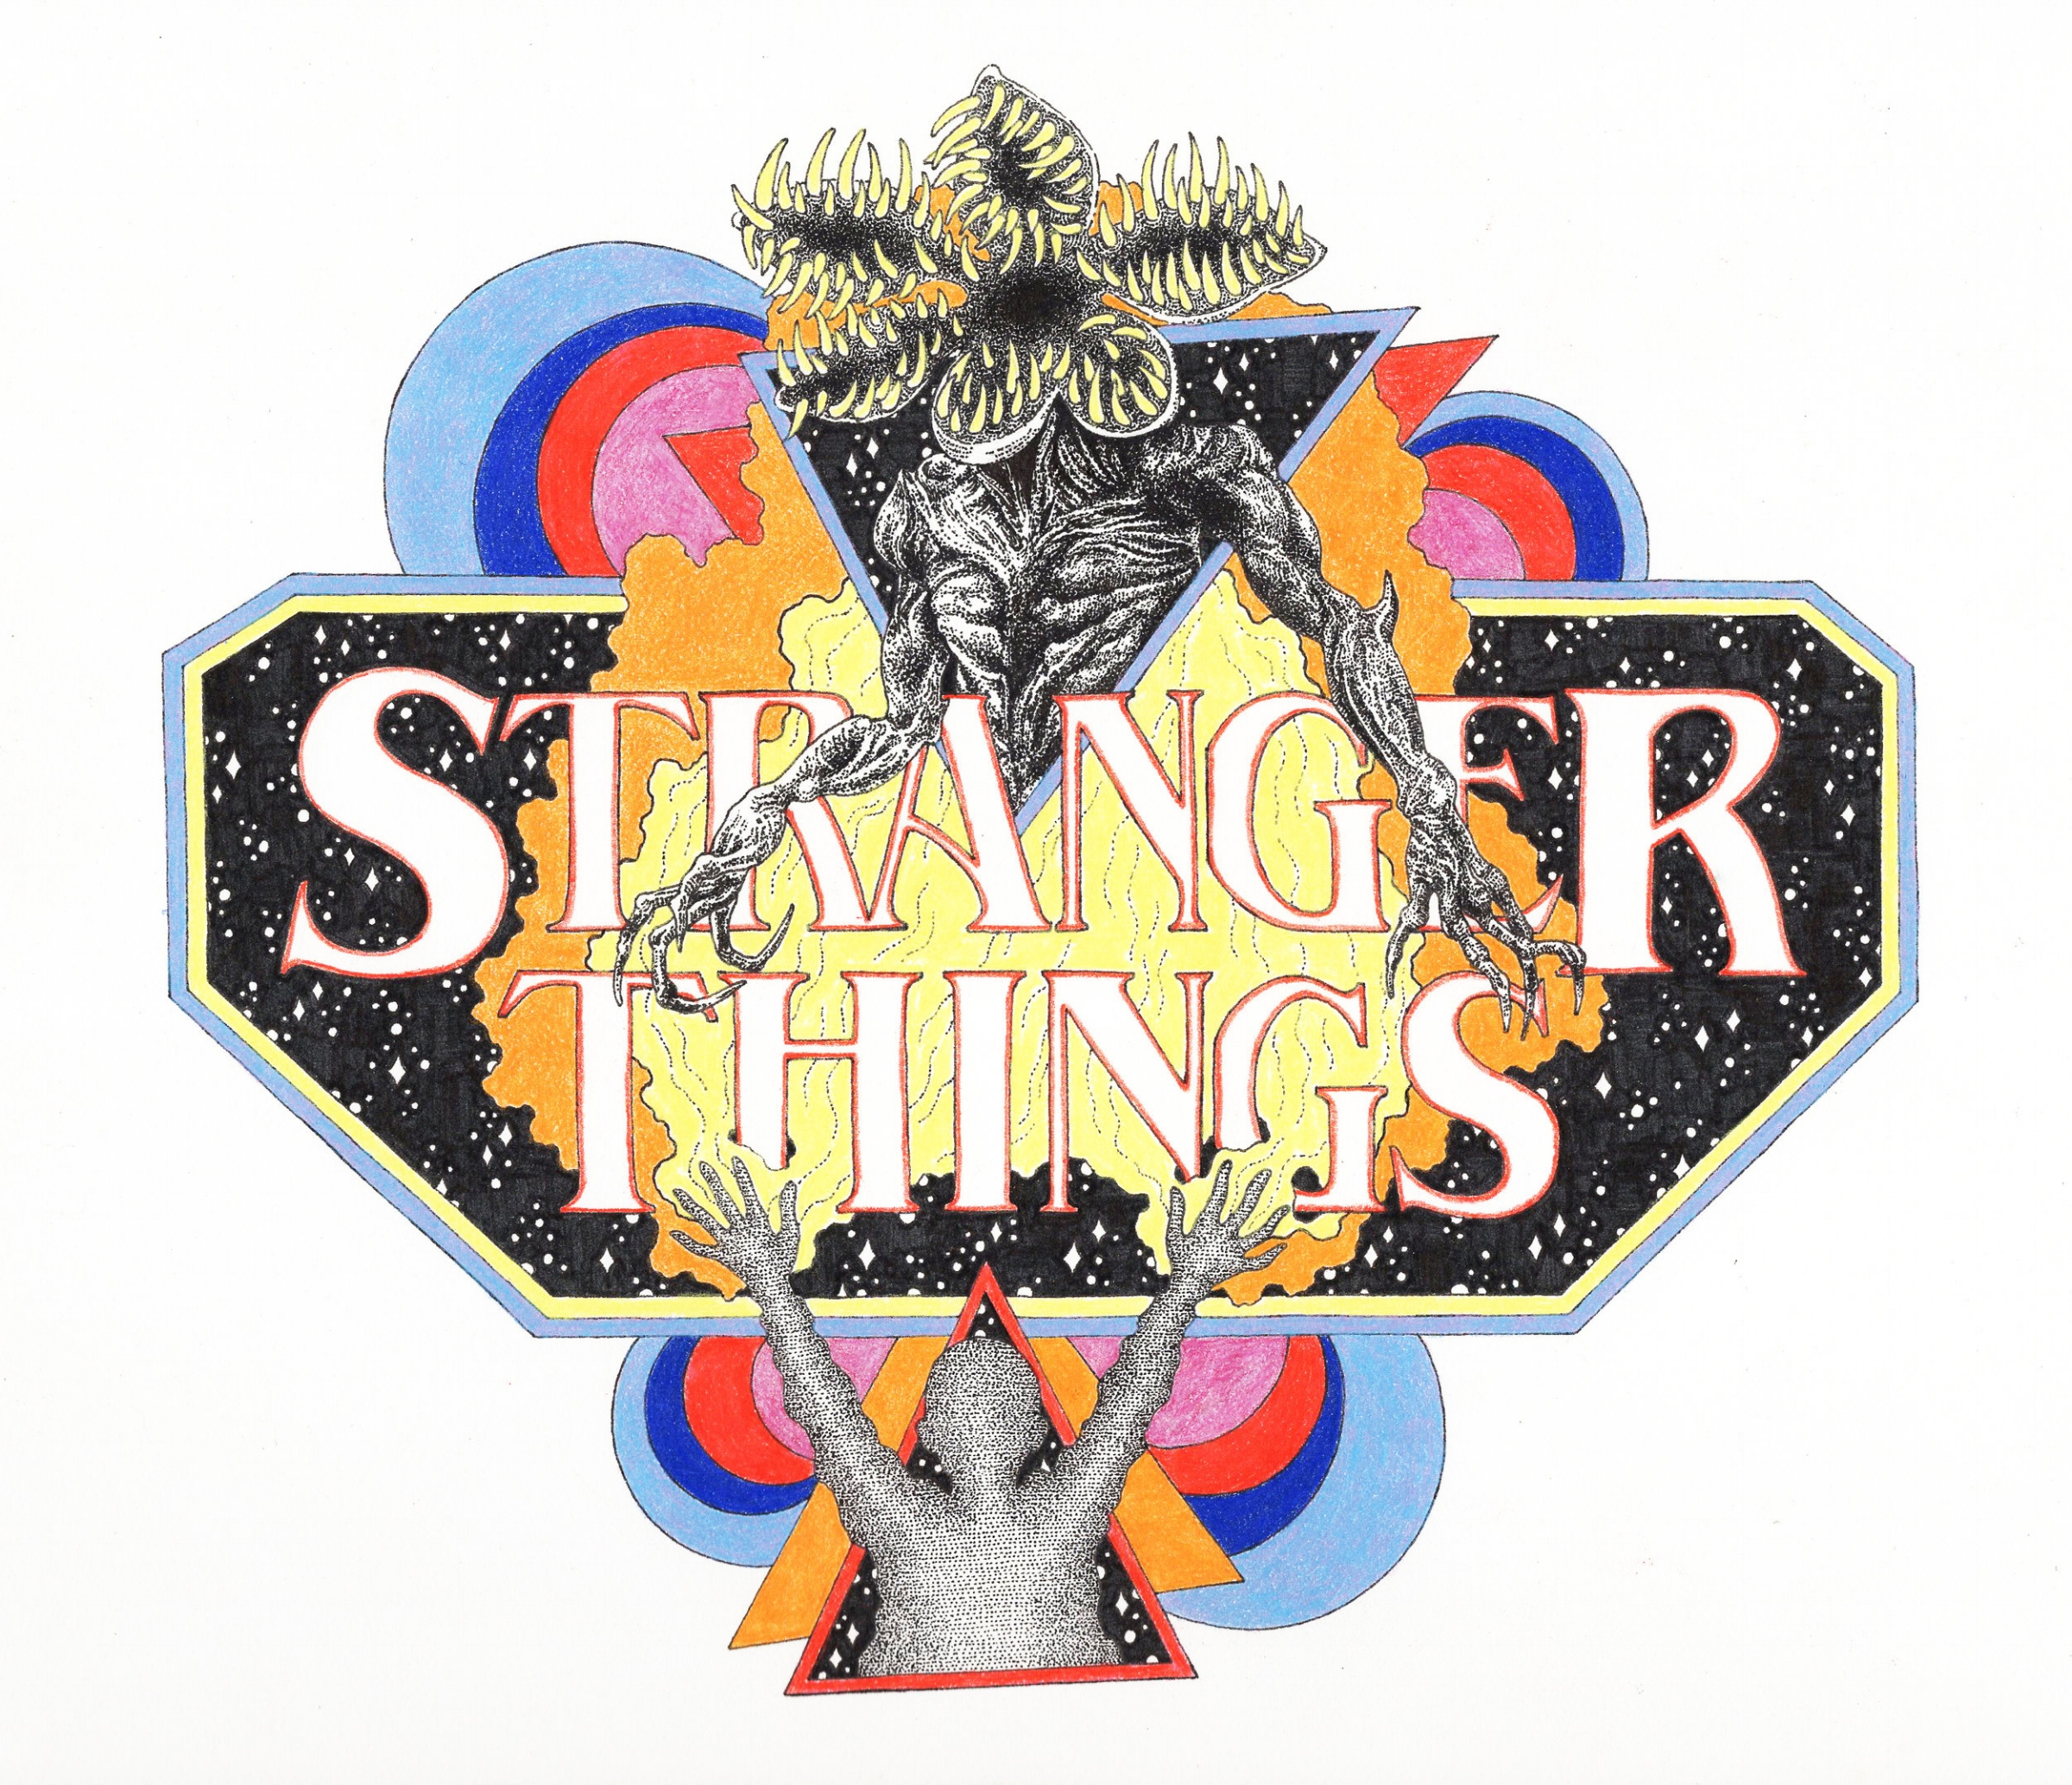 stranger things color.jpg